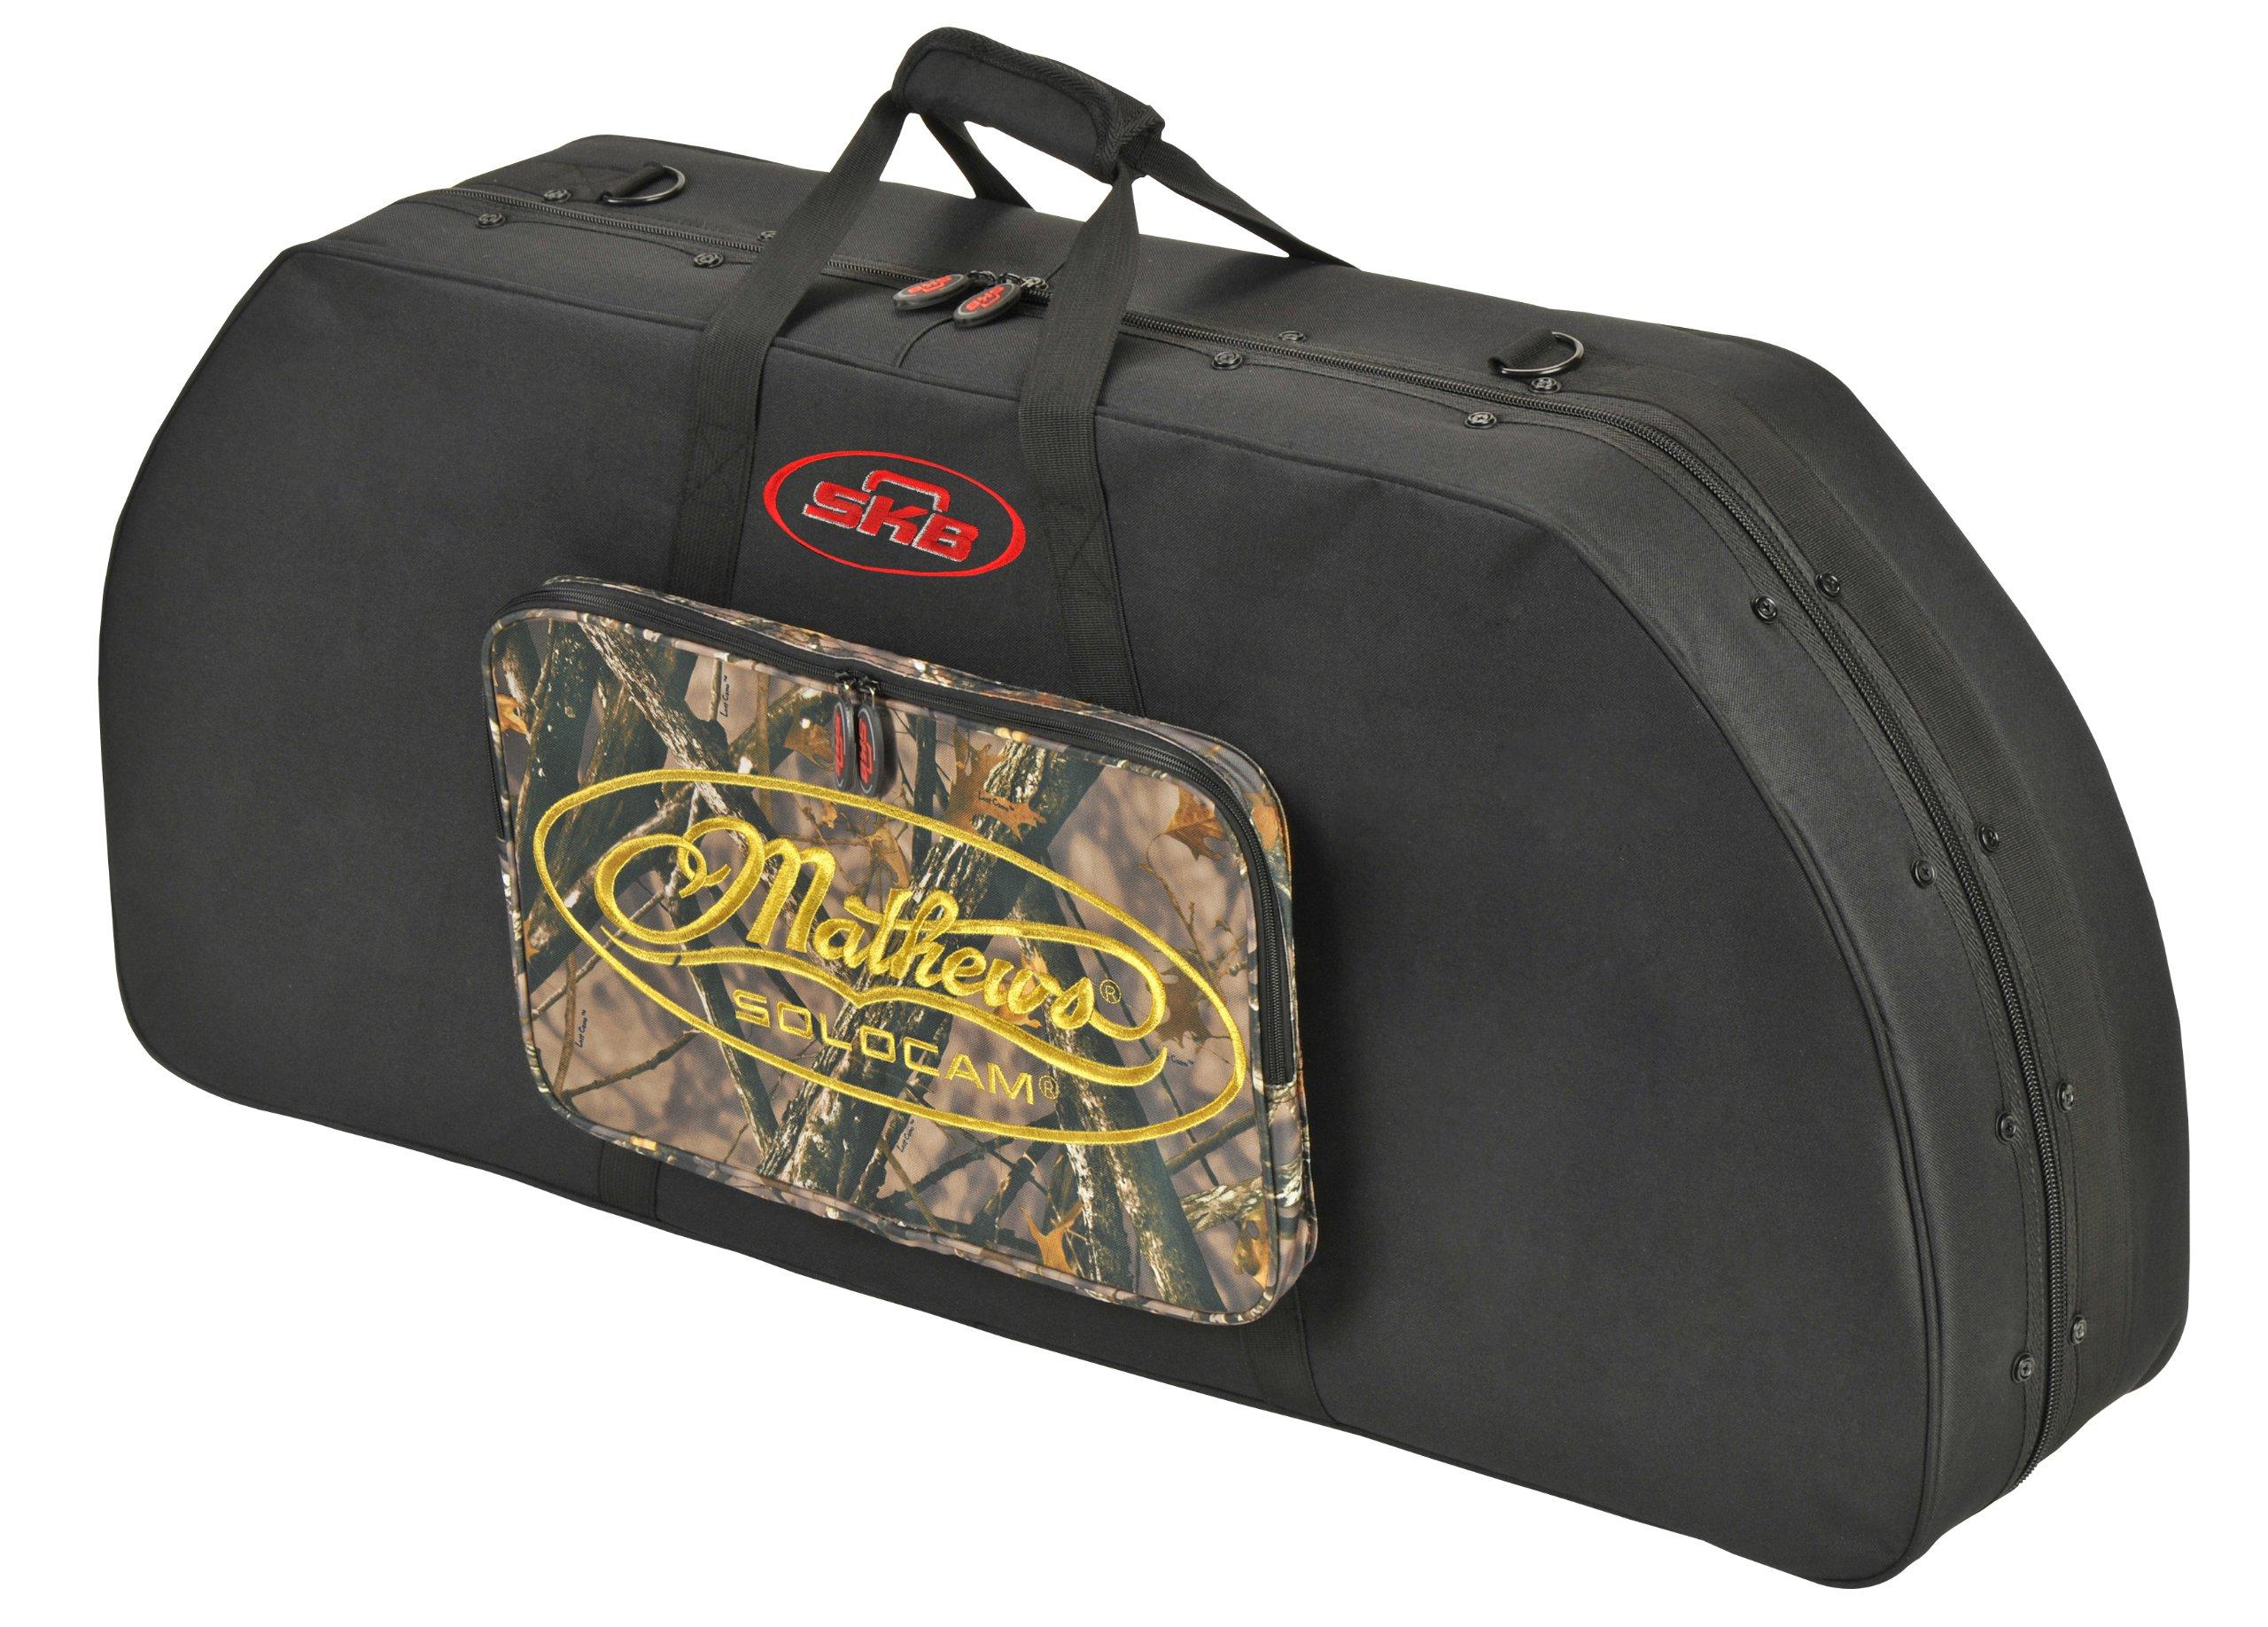 SKB Corp Mathews Hybrid 4120 Bow Case, Large by SKB (Image #3)